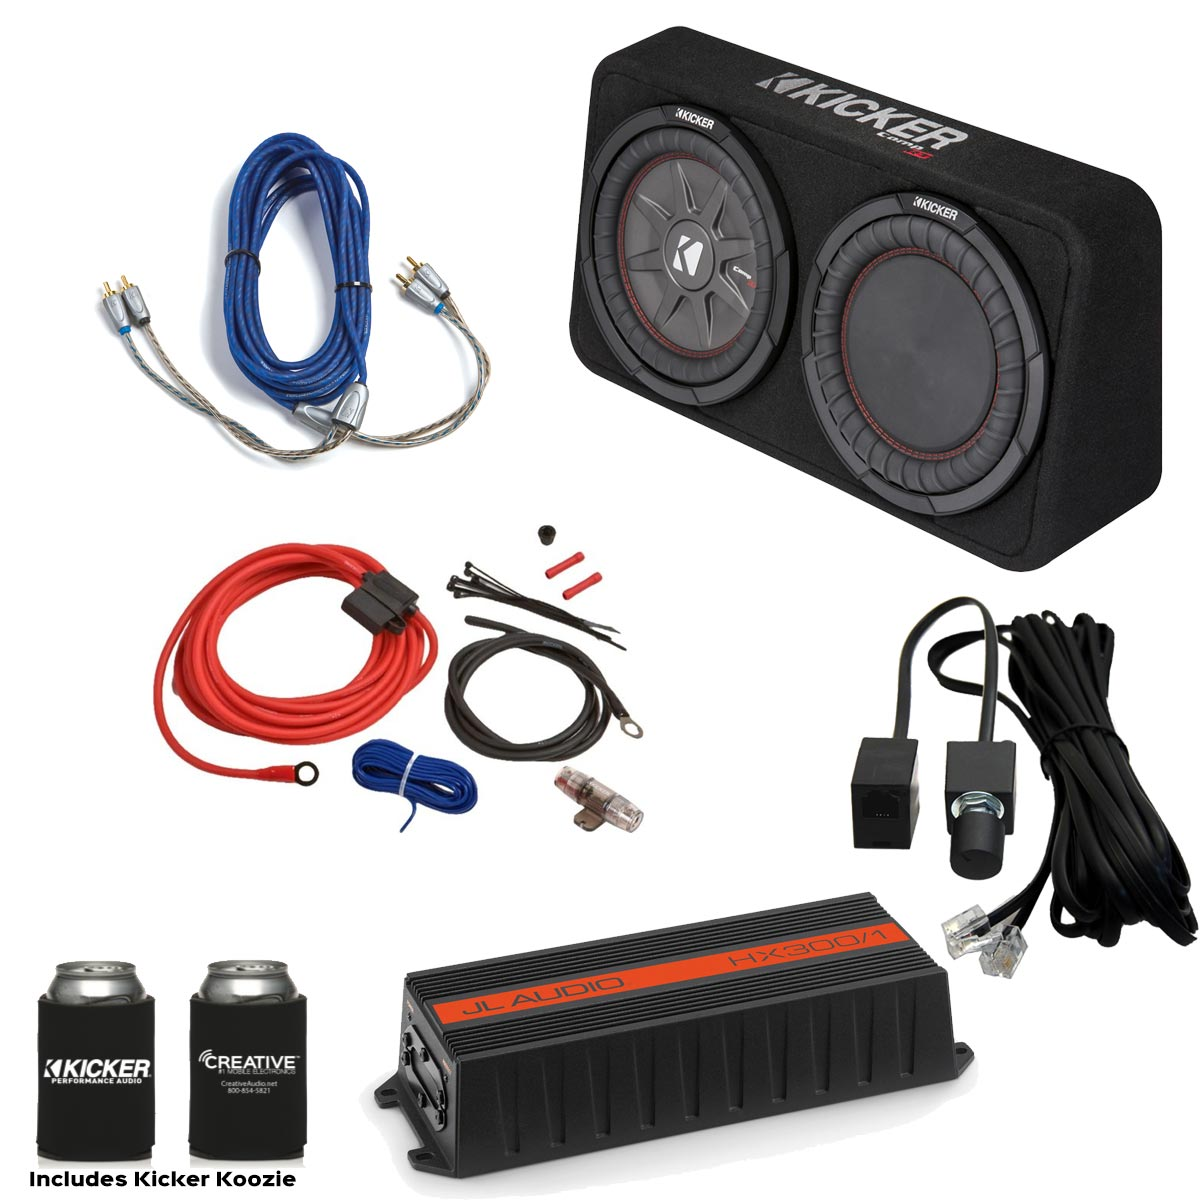 Jl Audio Hx300  1 300 Watt Amp  Kicker 10 U0026quot  Comprt Loaded Enclosure  U0026 Wiring Kit